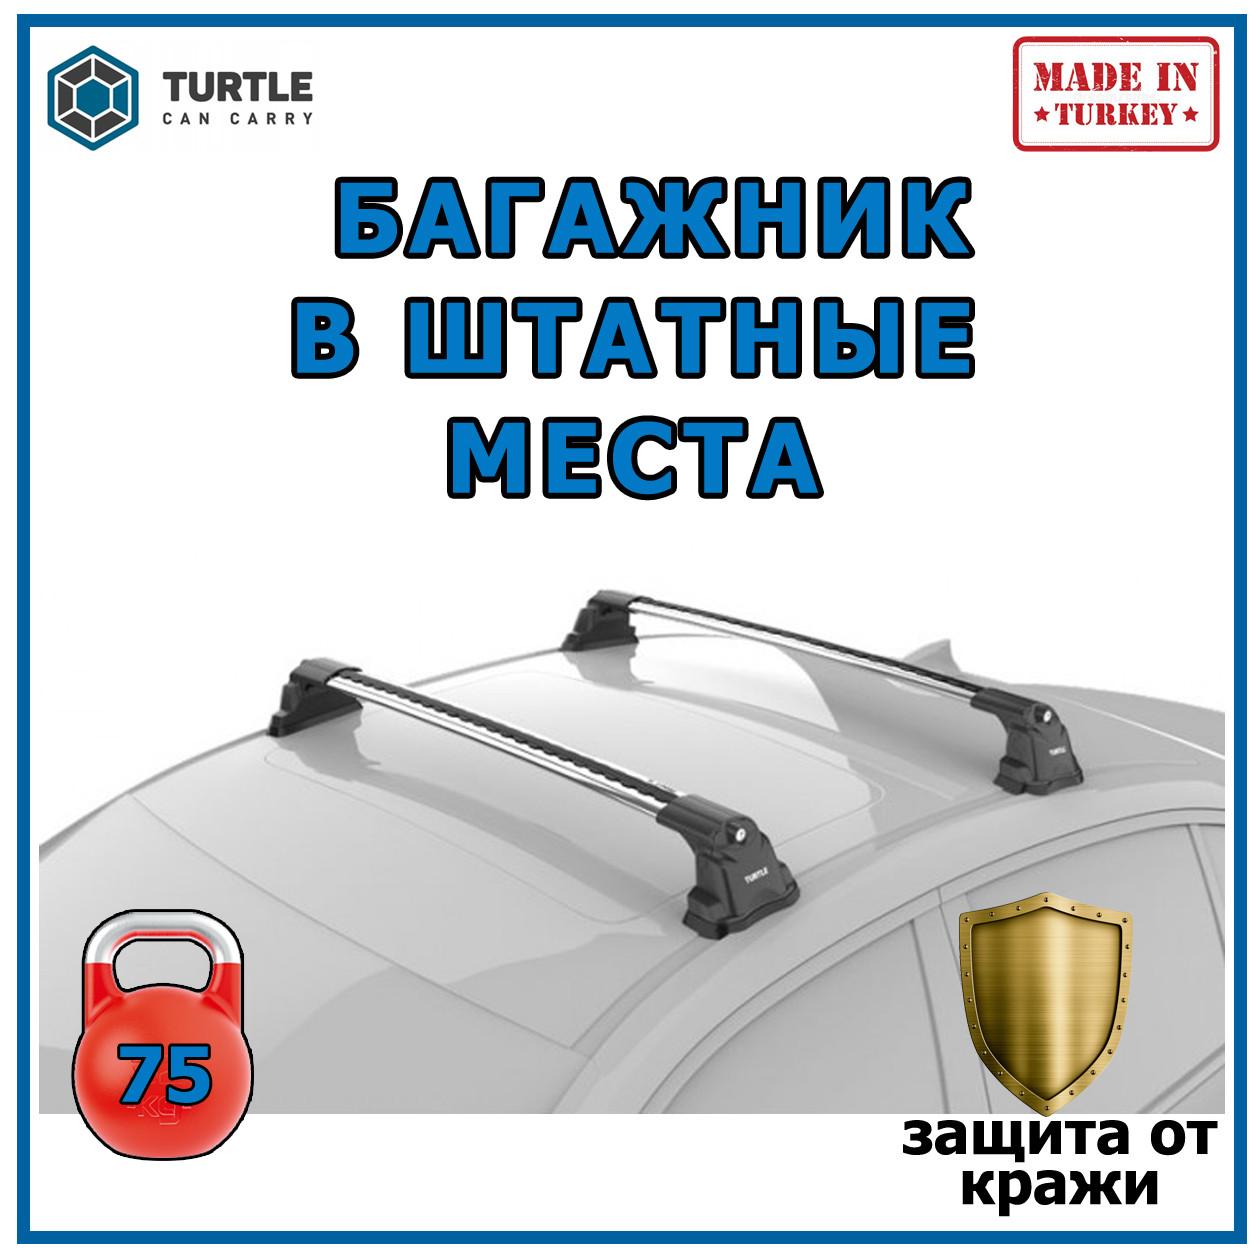 Багажник на крышу Subaru XV 2011- в штатные места серый Turtle